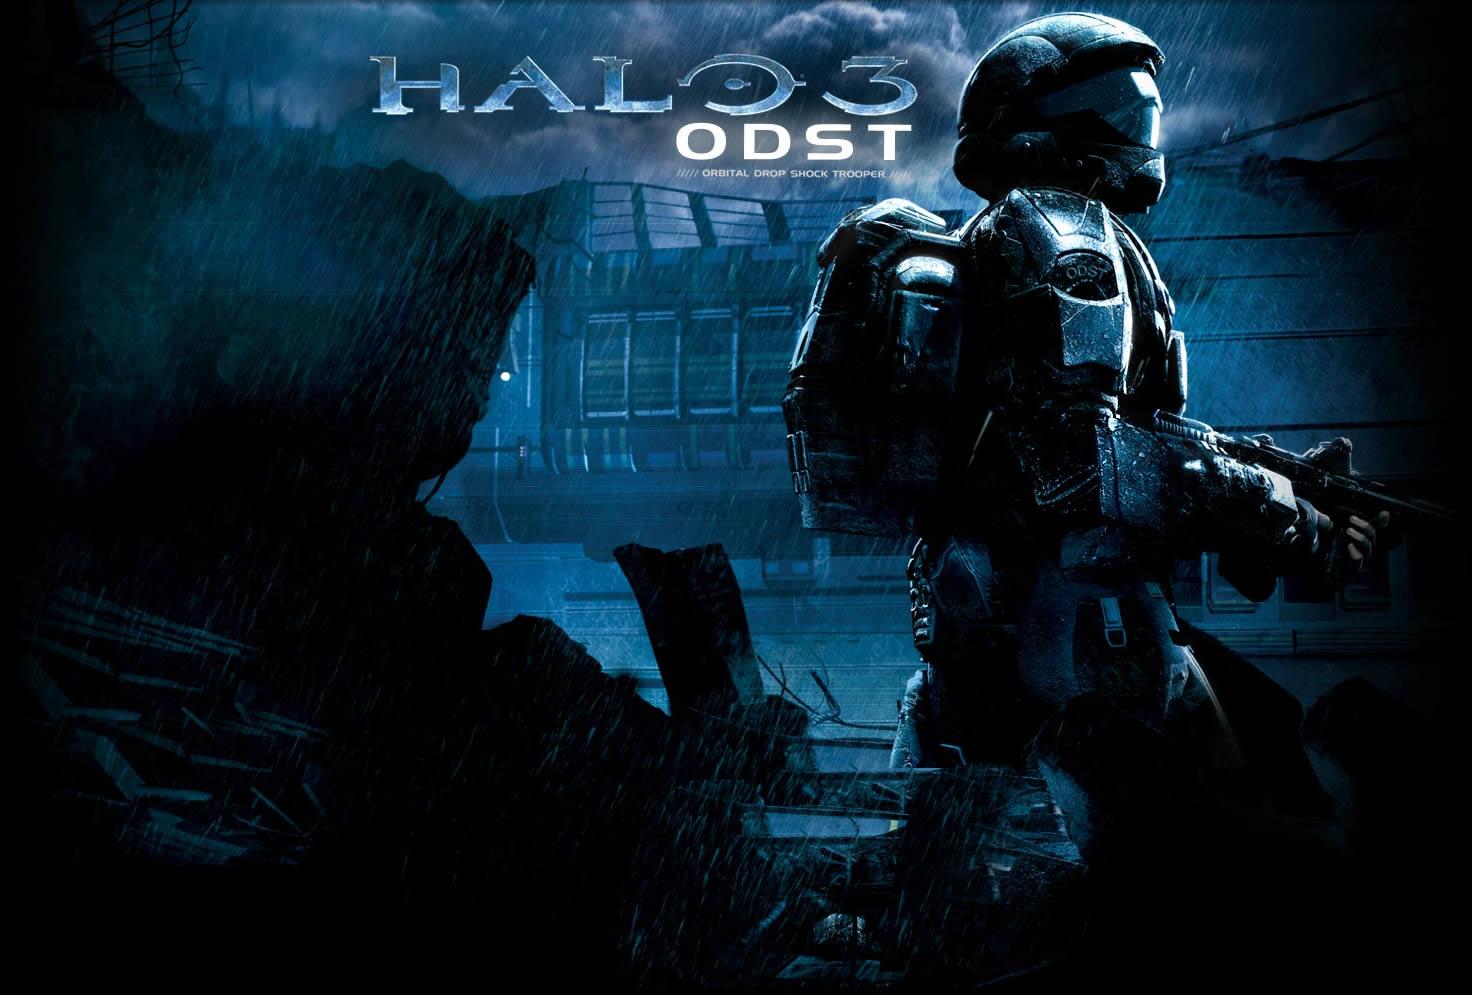 Image halo 3 odst mega bloks halo wars wiki - Halo odst images ...